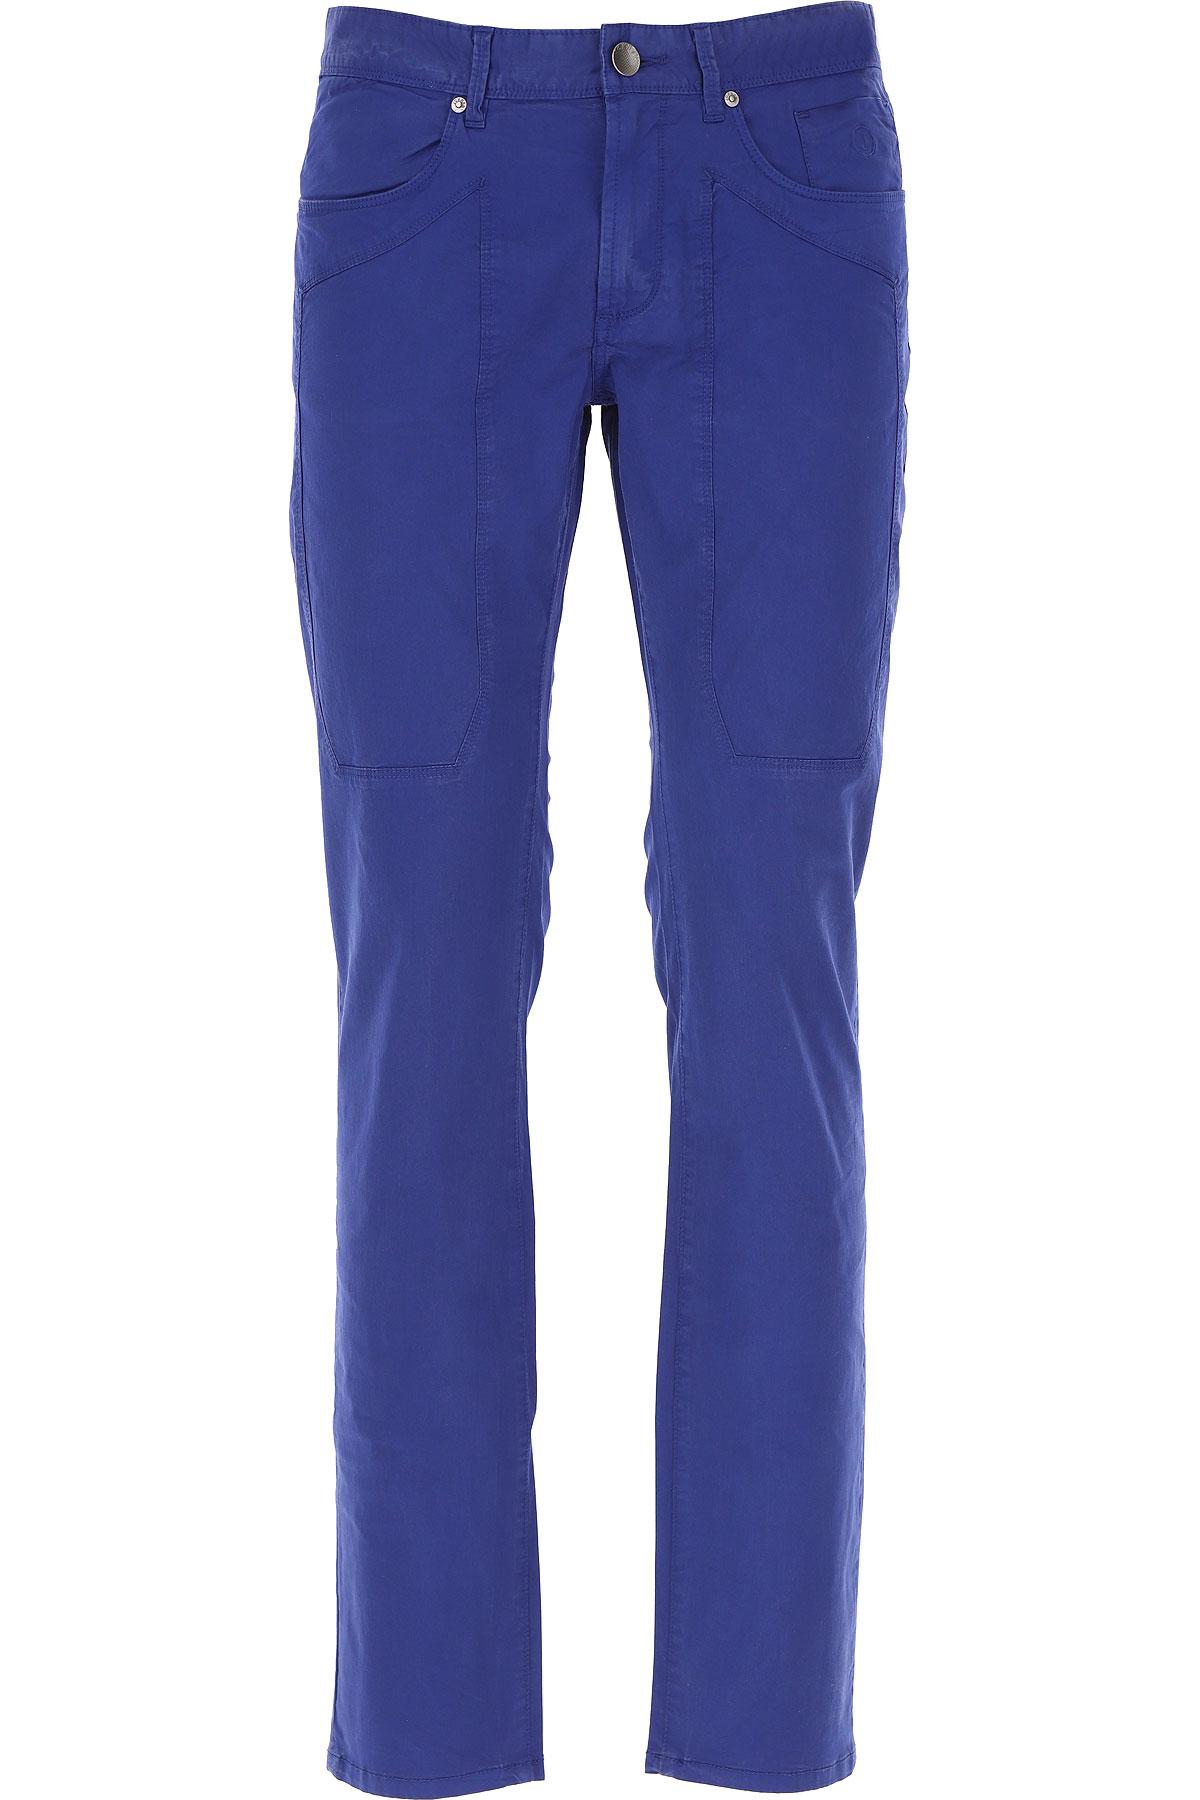 Jeckerson Pants for Men On Sale, Bluette, Cotton, 2019, 31 32 33 34 35 36 38